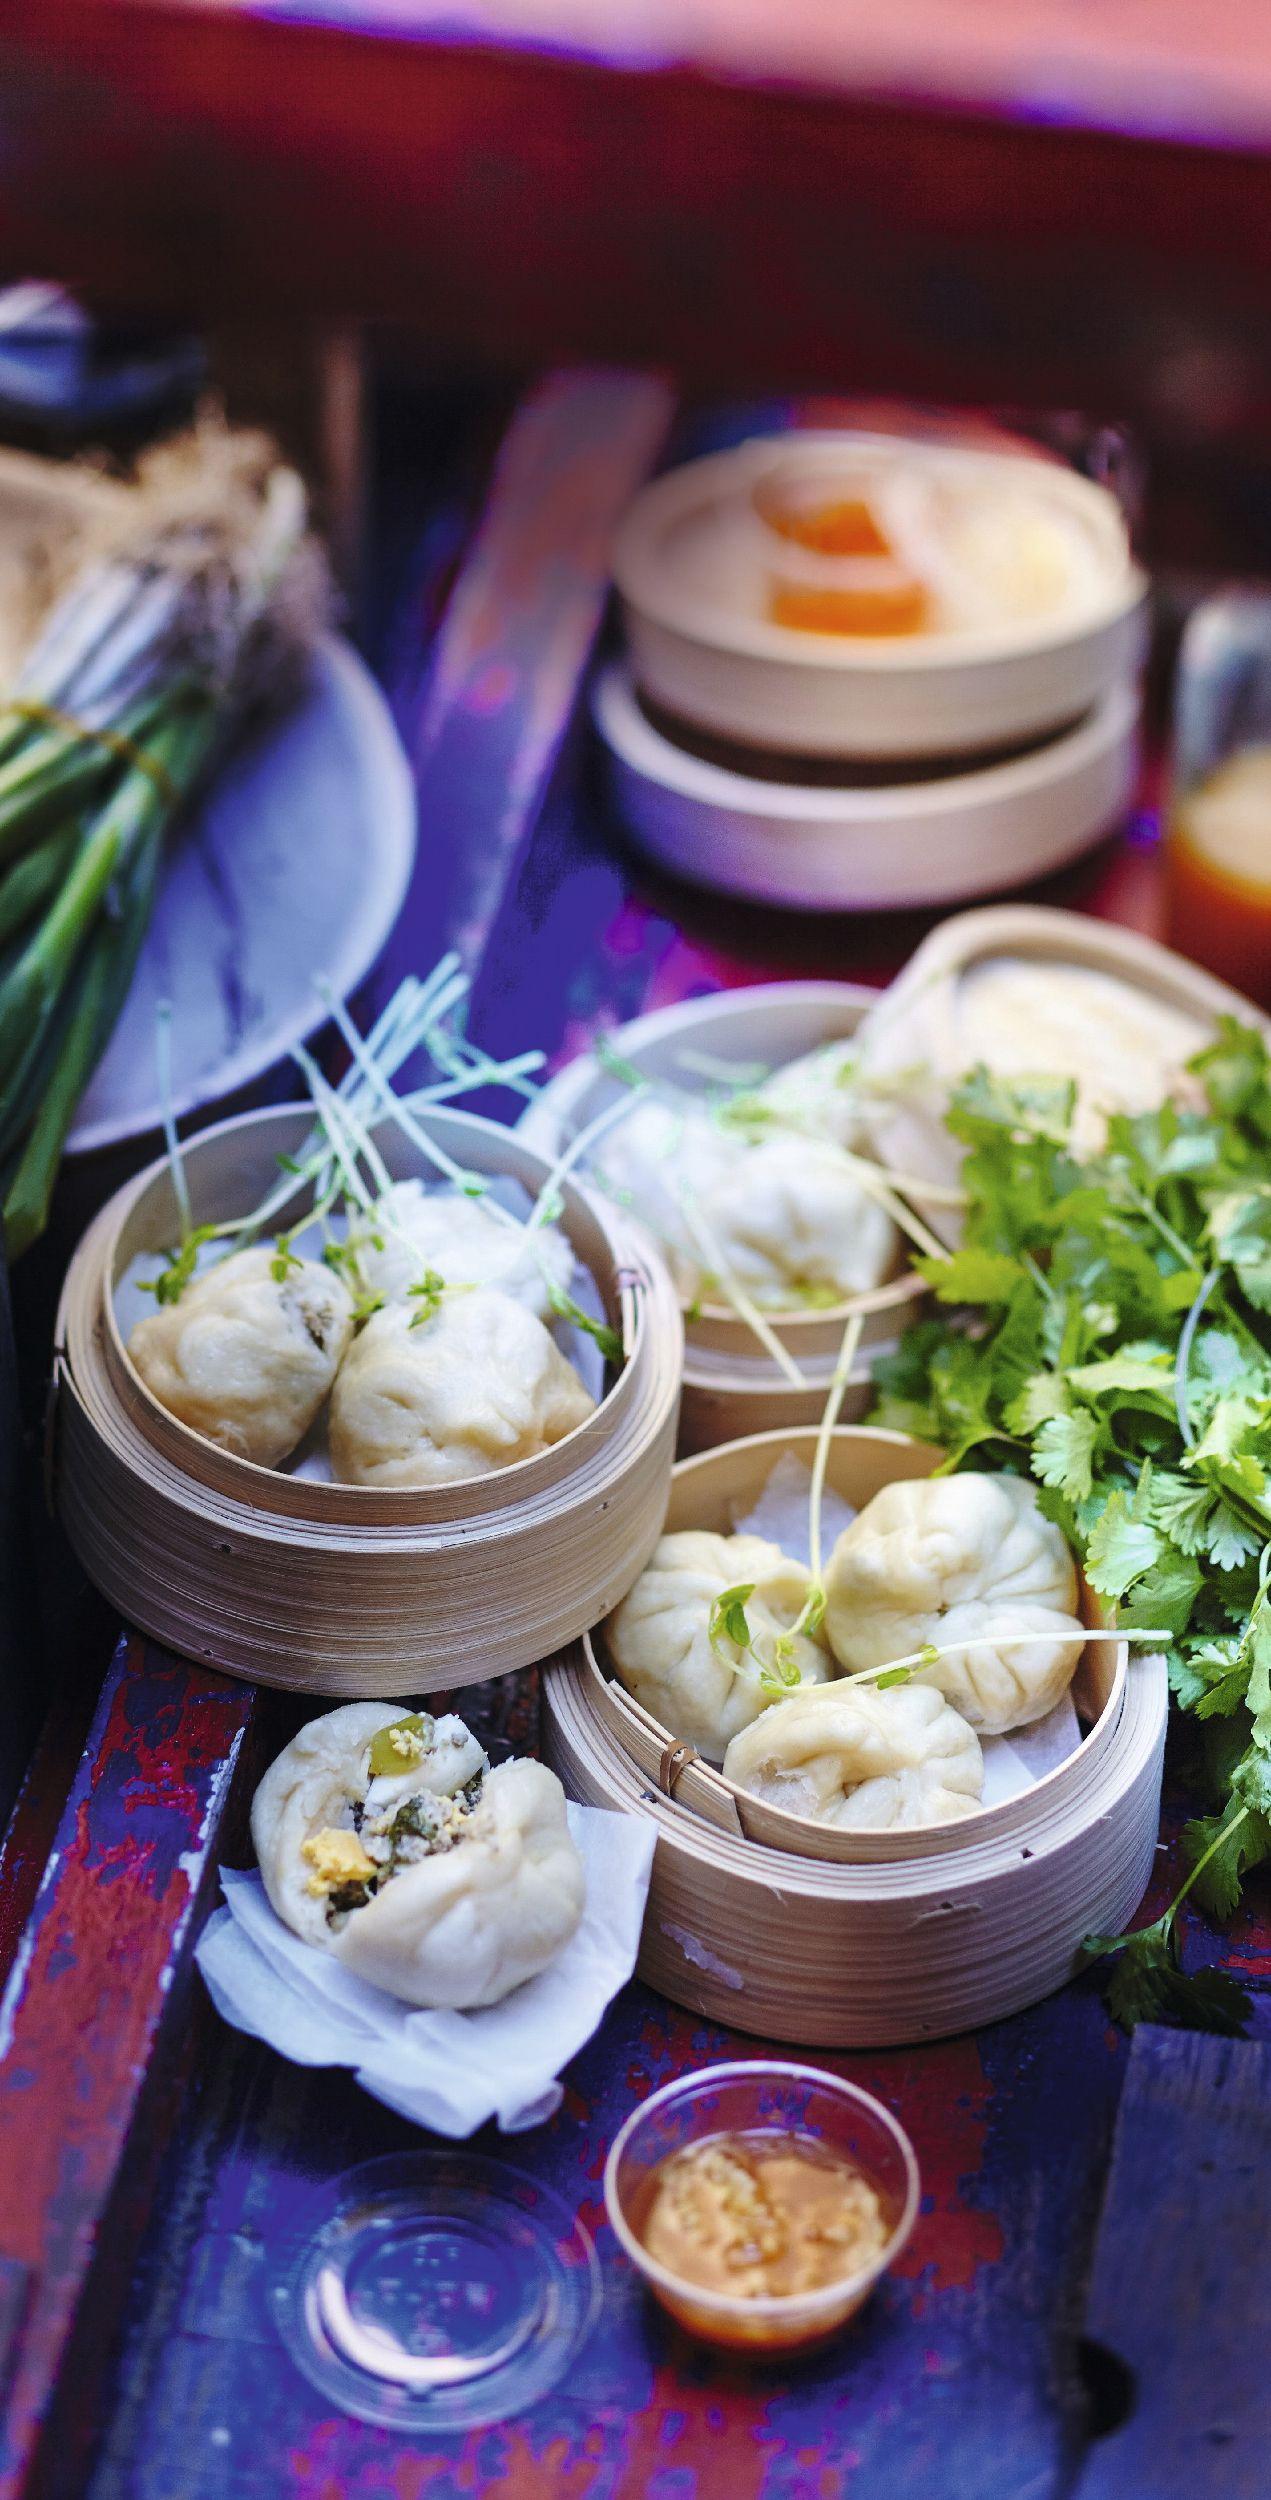 Résultat Supérieur 60 Inspirant Ustensiles De Cuisine Vietnamienne